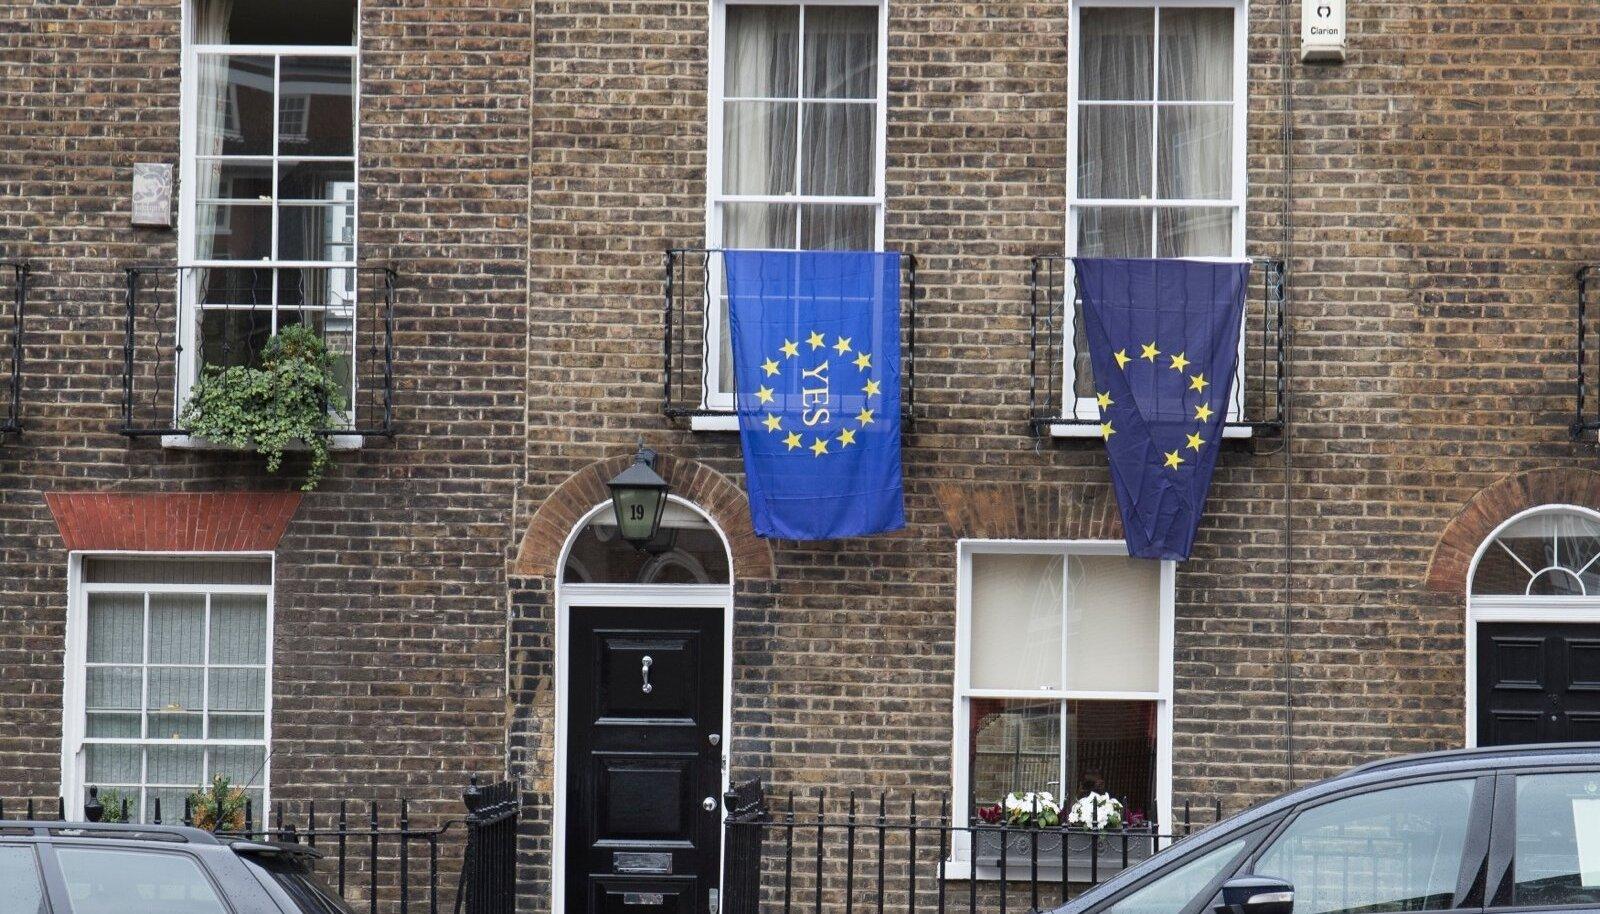 Euroopa Liidu lipud Brexiti rahvahääletuse ajal Londonis.